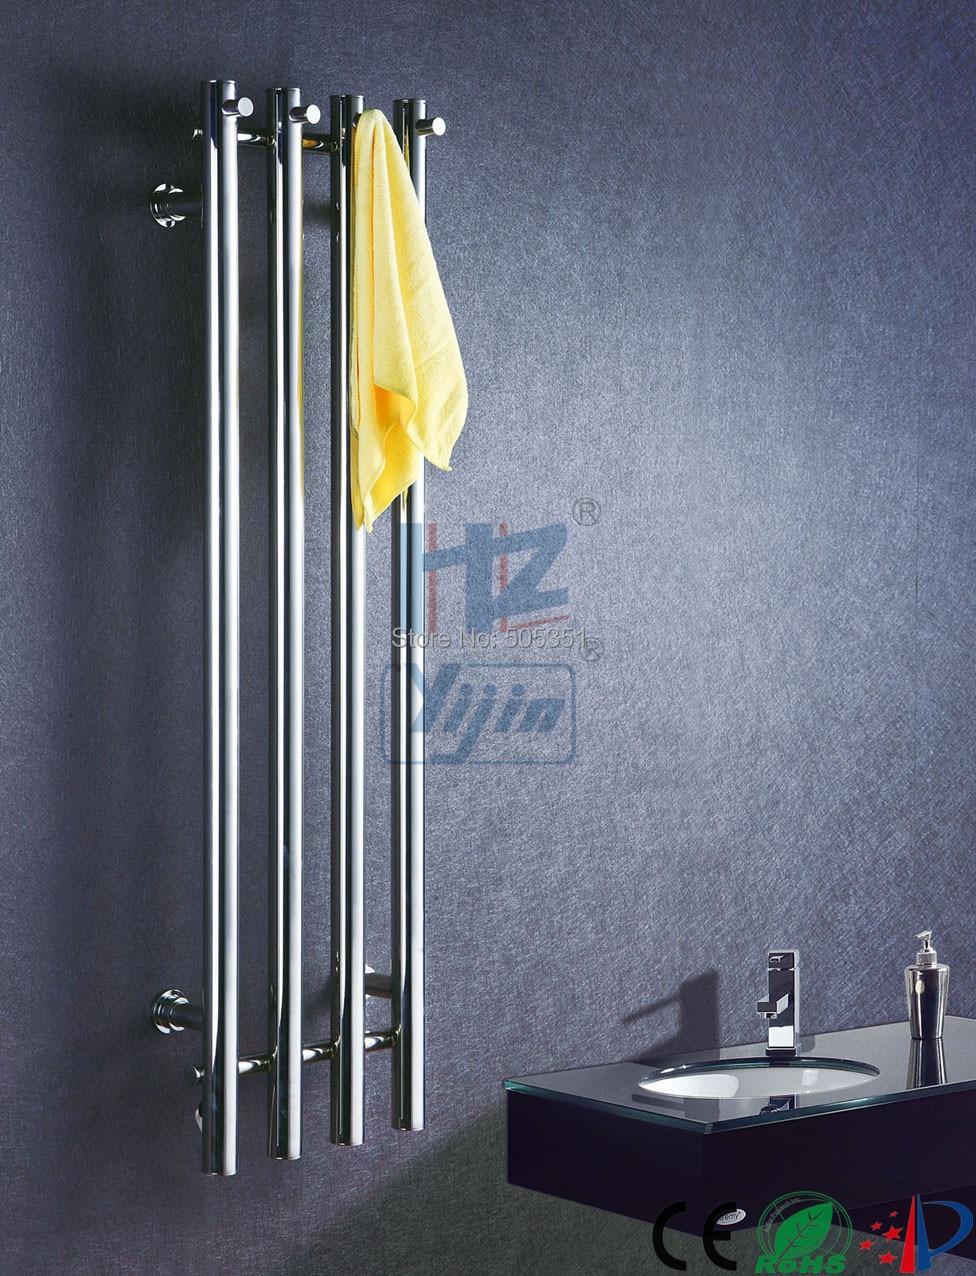 Buy Vertical Wall Mount Bathroom Towel Rack Heated Towel Racks Stainless Steel